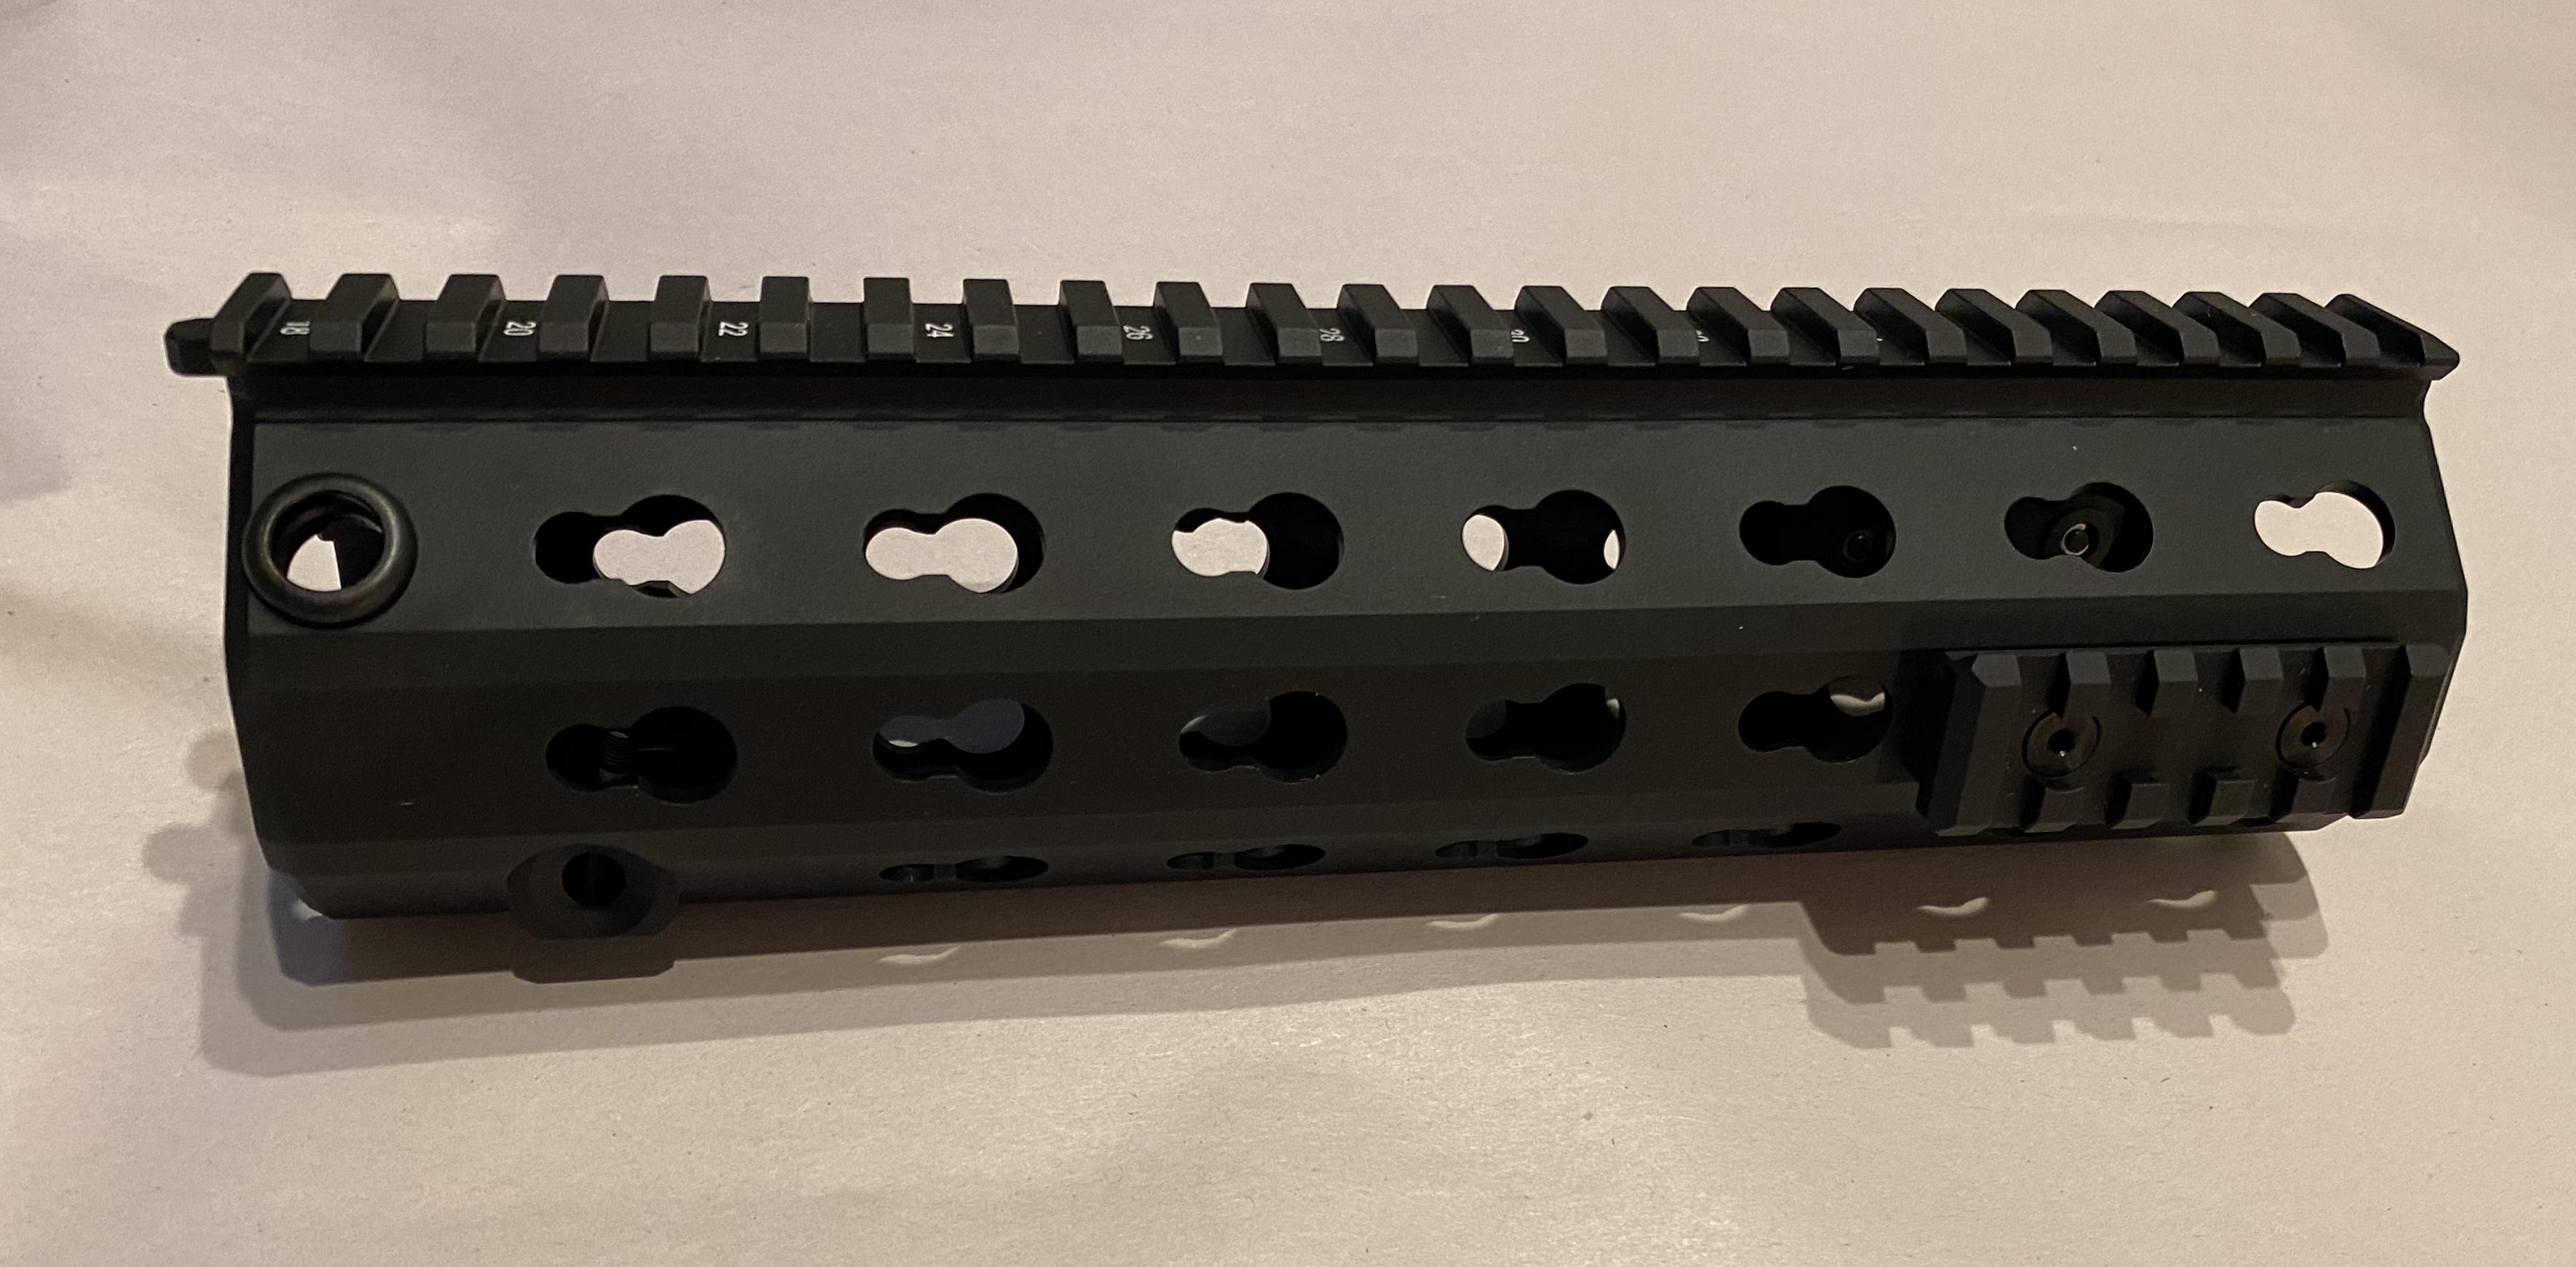 WTS: Parts list-G36E/K handguards, sight rails, G28 FH, MR556/416 stock/grip, VP9/P30-4484673d-6207-496f-8de6-b9bb31514ce1.jpeg